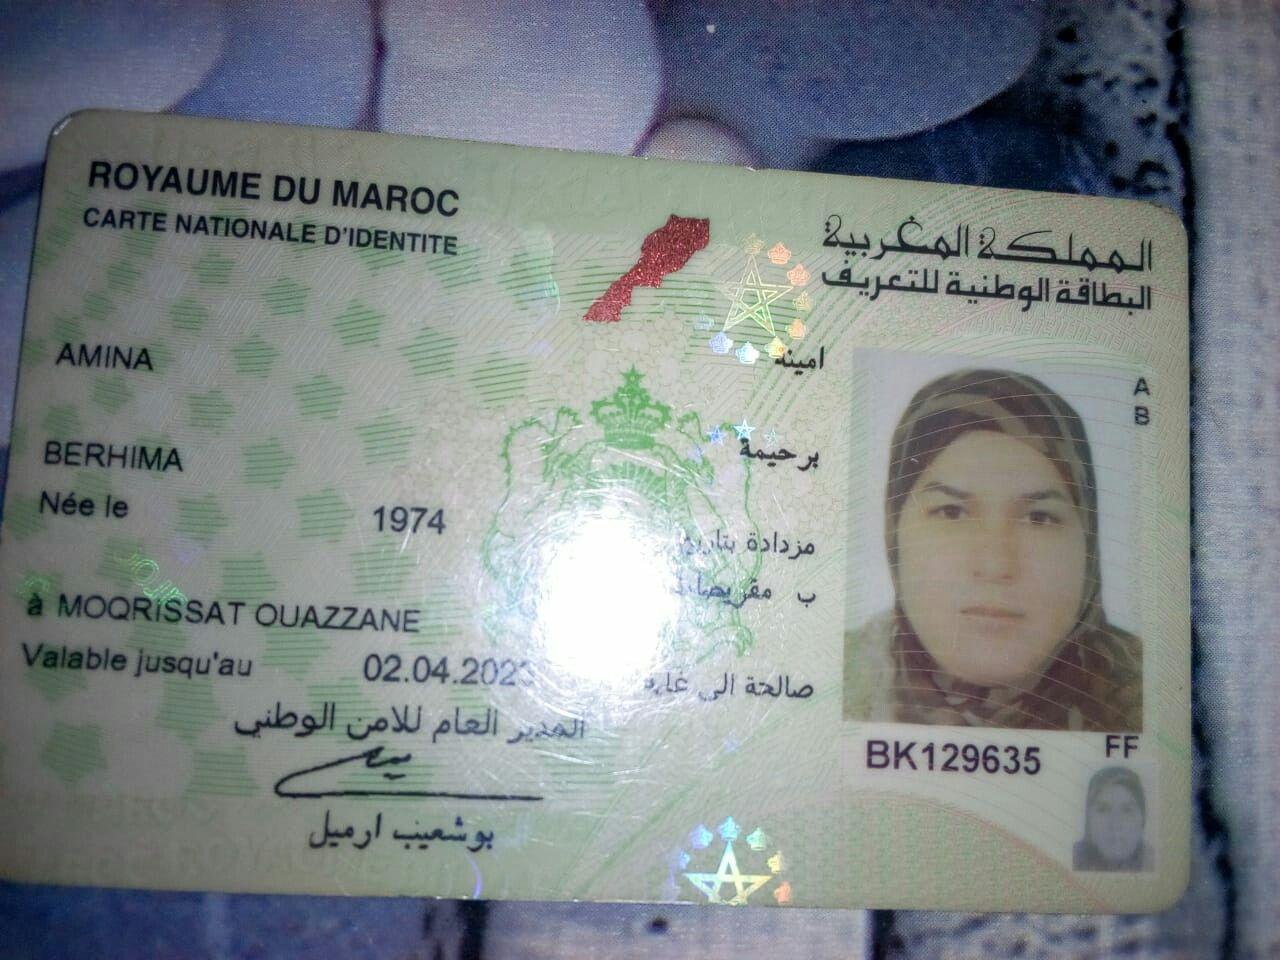 Epingle Par Bouchra Benouri Sur Livre Nationale Maroc